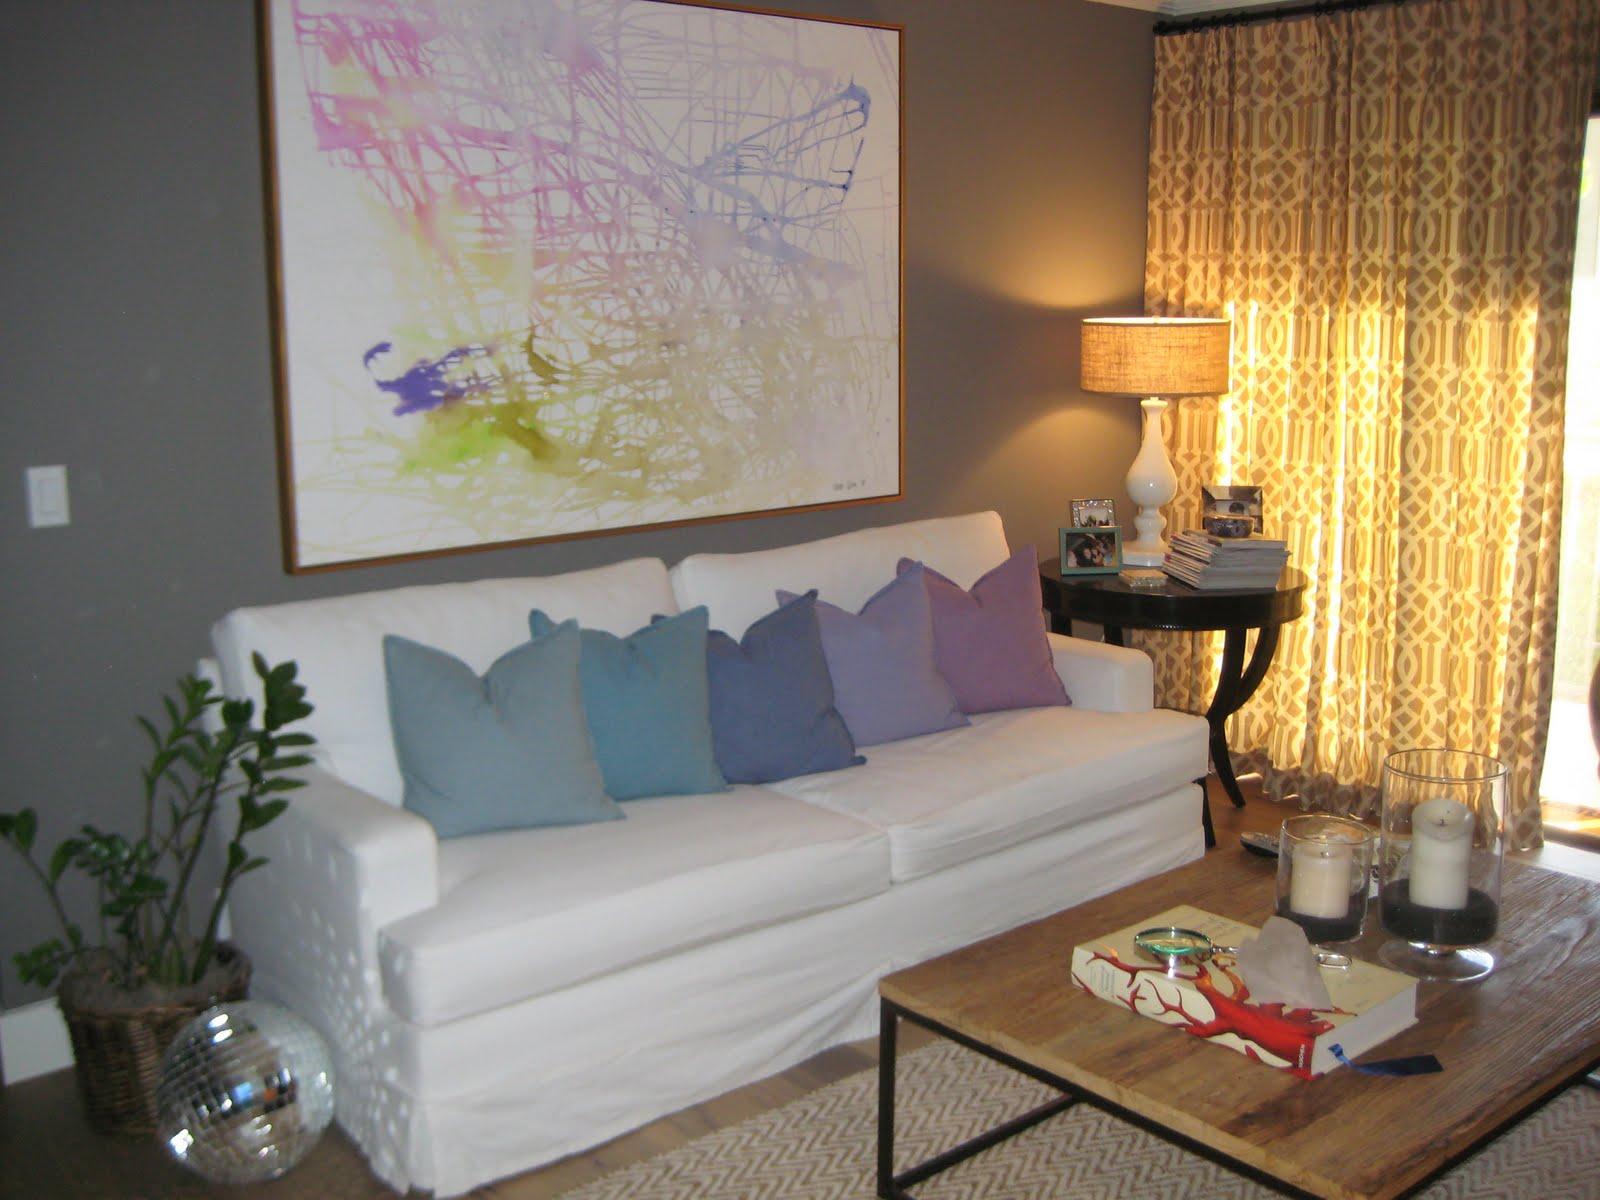 Como Decorar Sala De Estar Pequena E Simples ~  de decoração e bem viver DECORAÇÃO DE SALAS PEQUENAS E SIMPLES